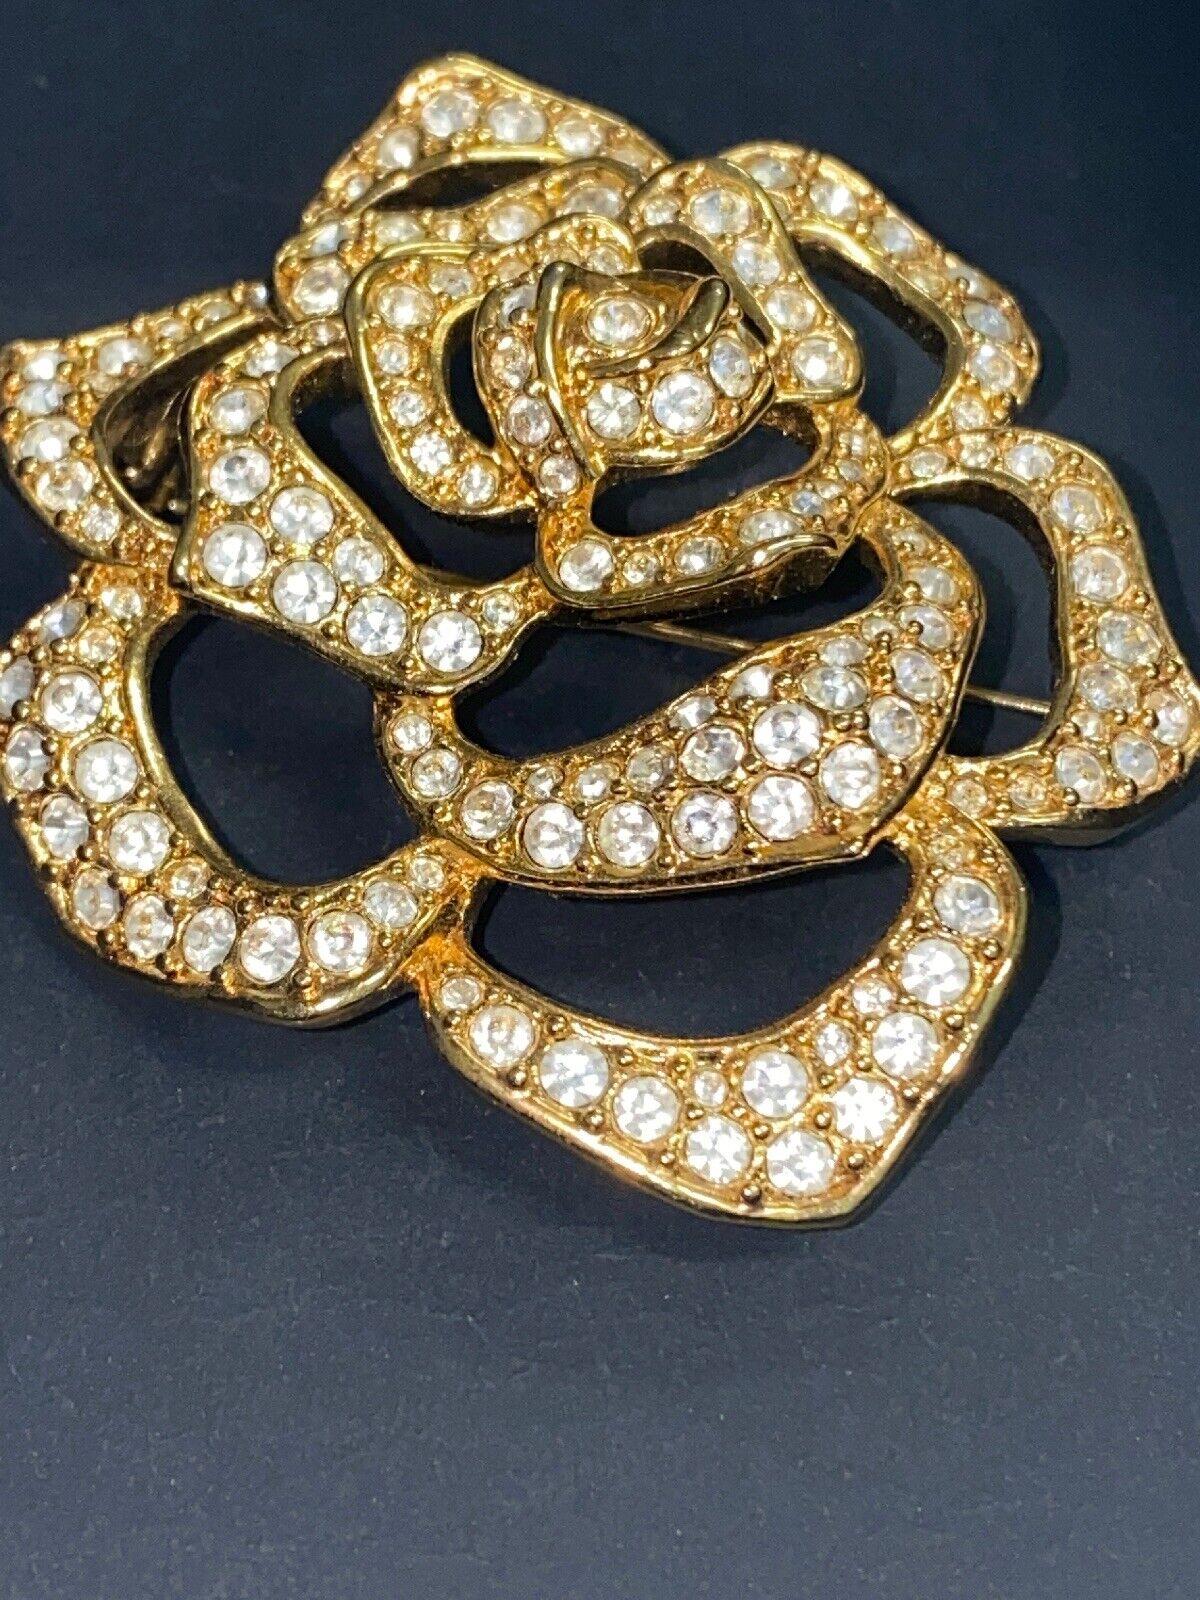 Vintage Elizabeth Taylor Crystal Paved Roze Pin - image 1